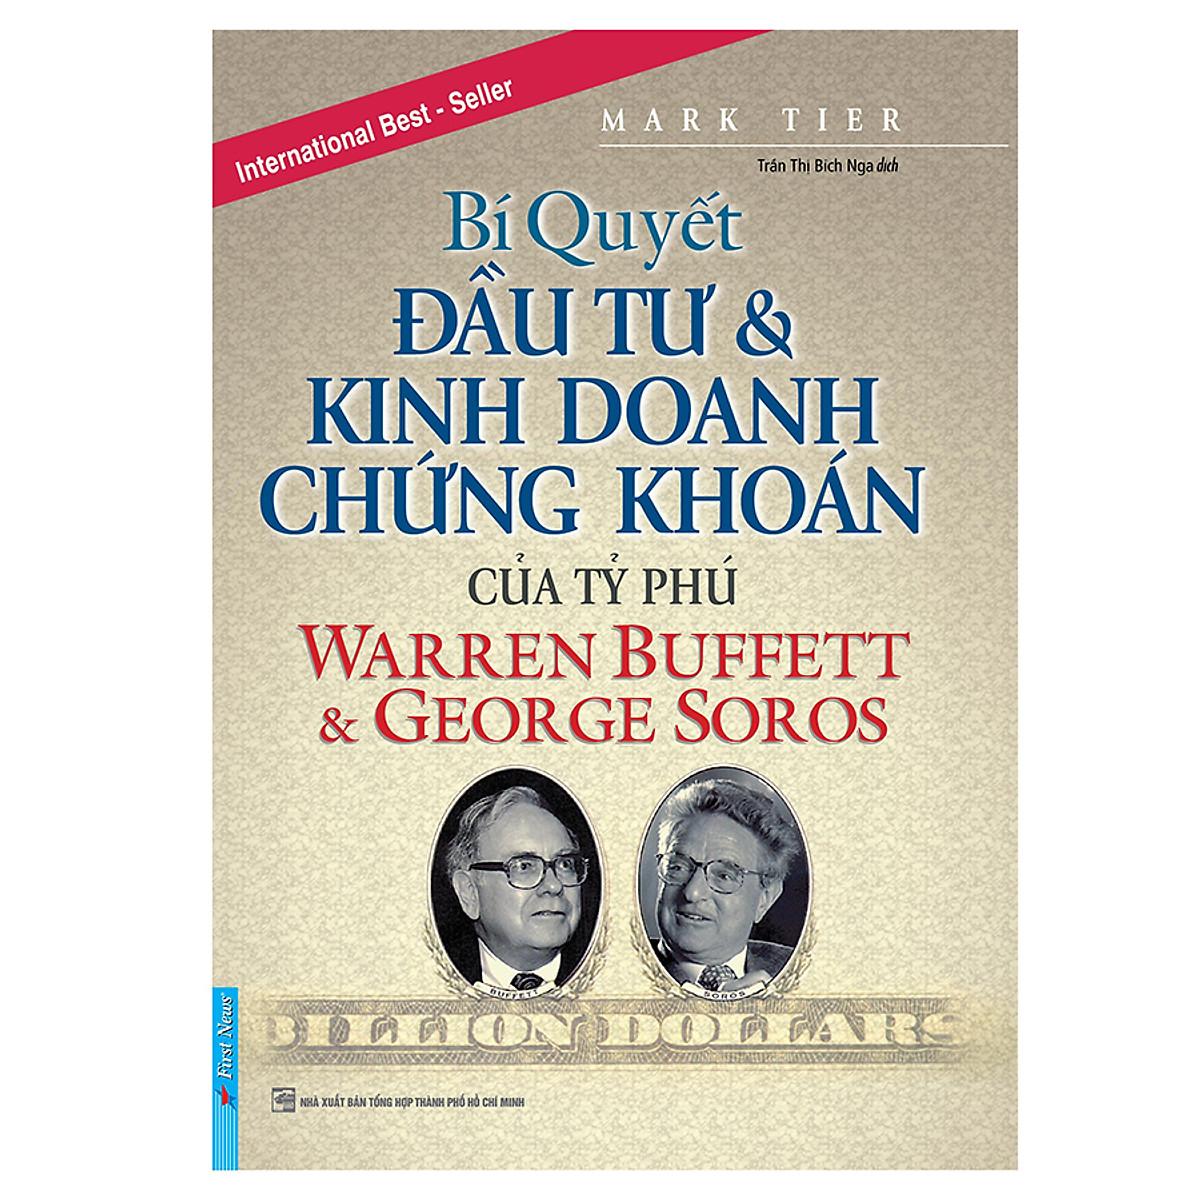 Lazada Giảm Giá Khi Mua Bí Quyết Đầu Tư & Kinh Doanh Chứng Khoán Của Tỷ Phú Warren Buffett Và George Soros